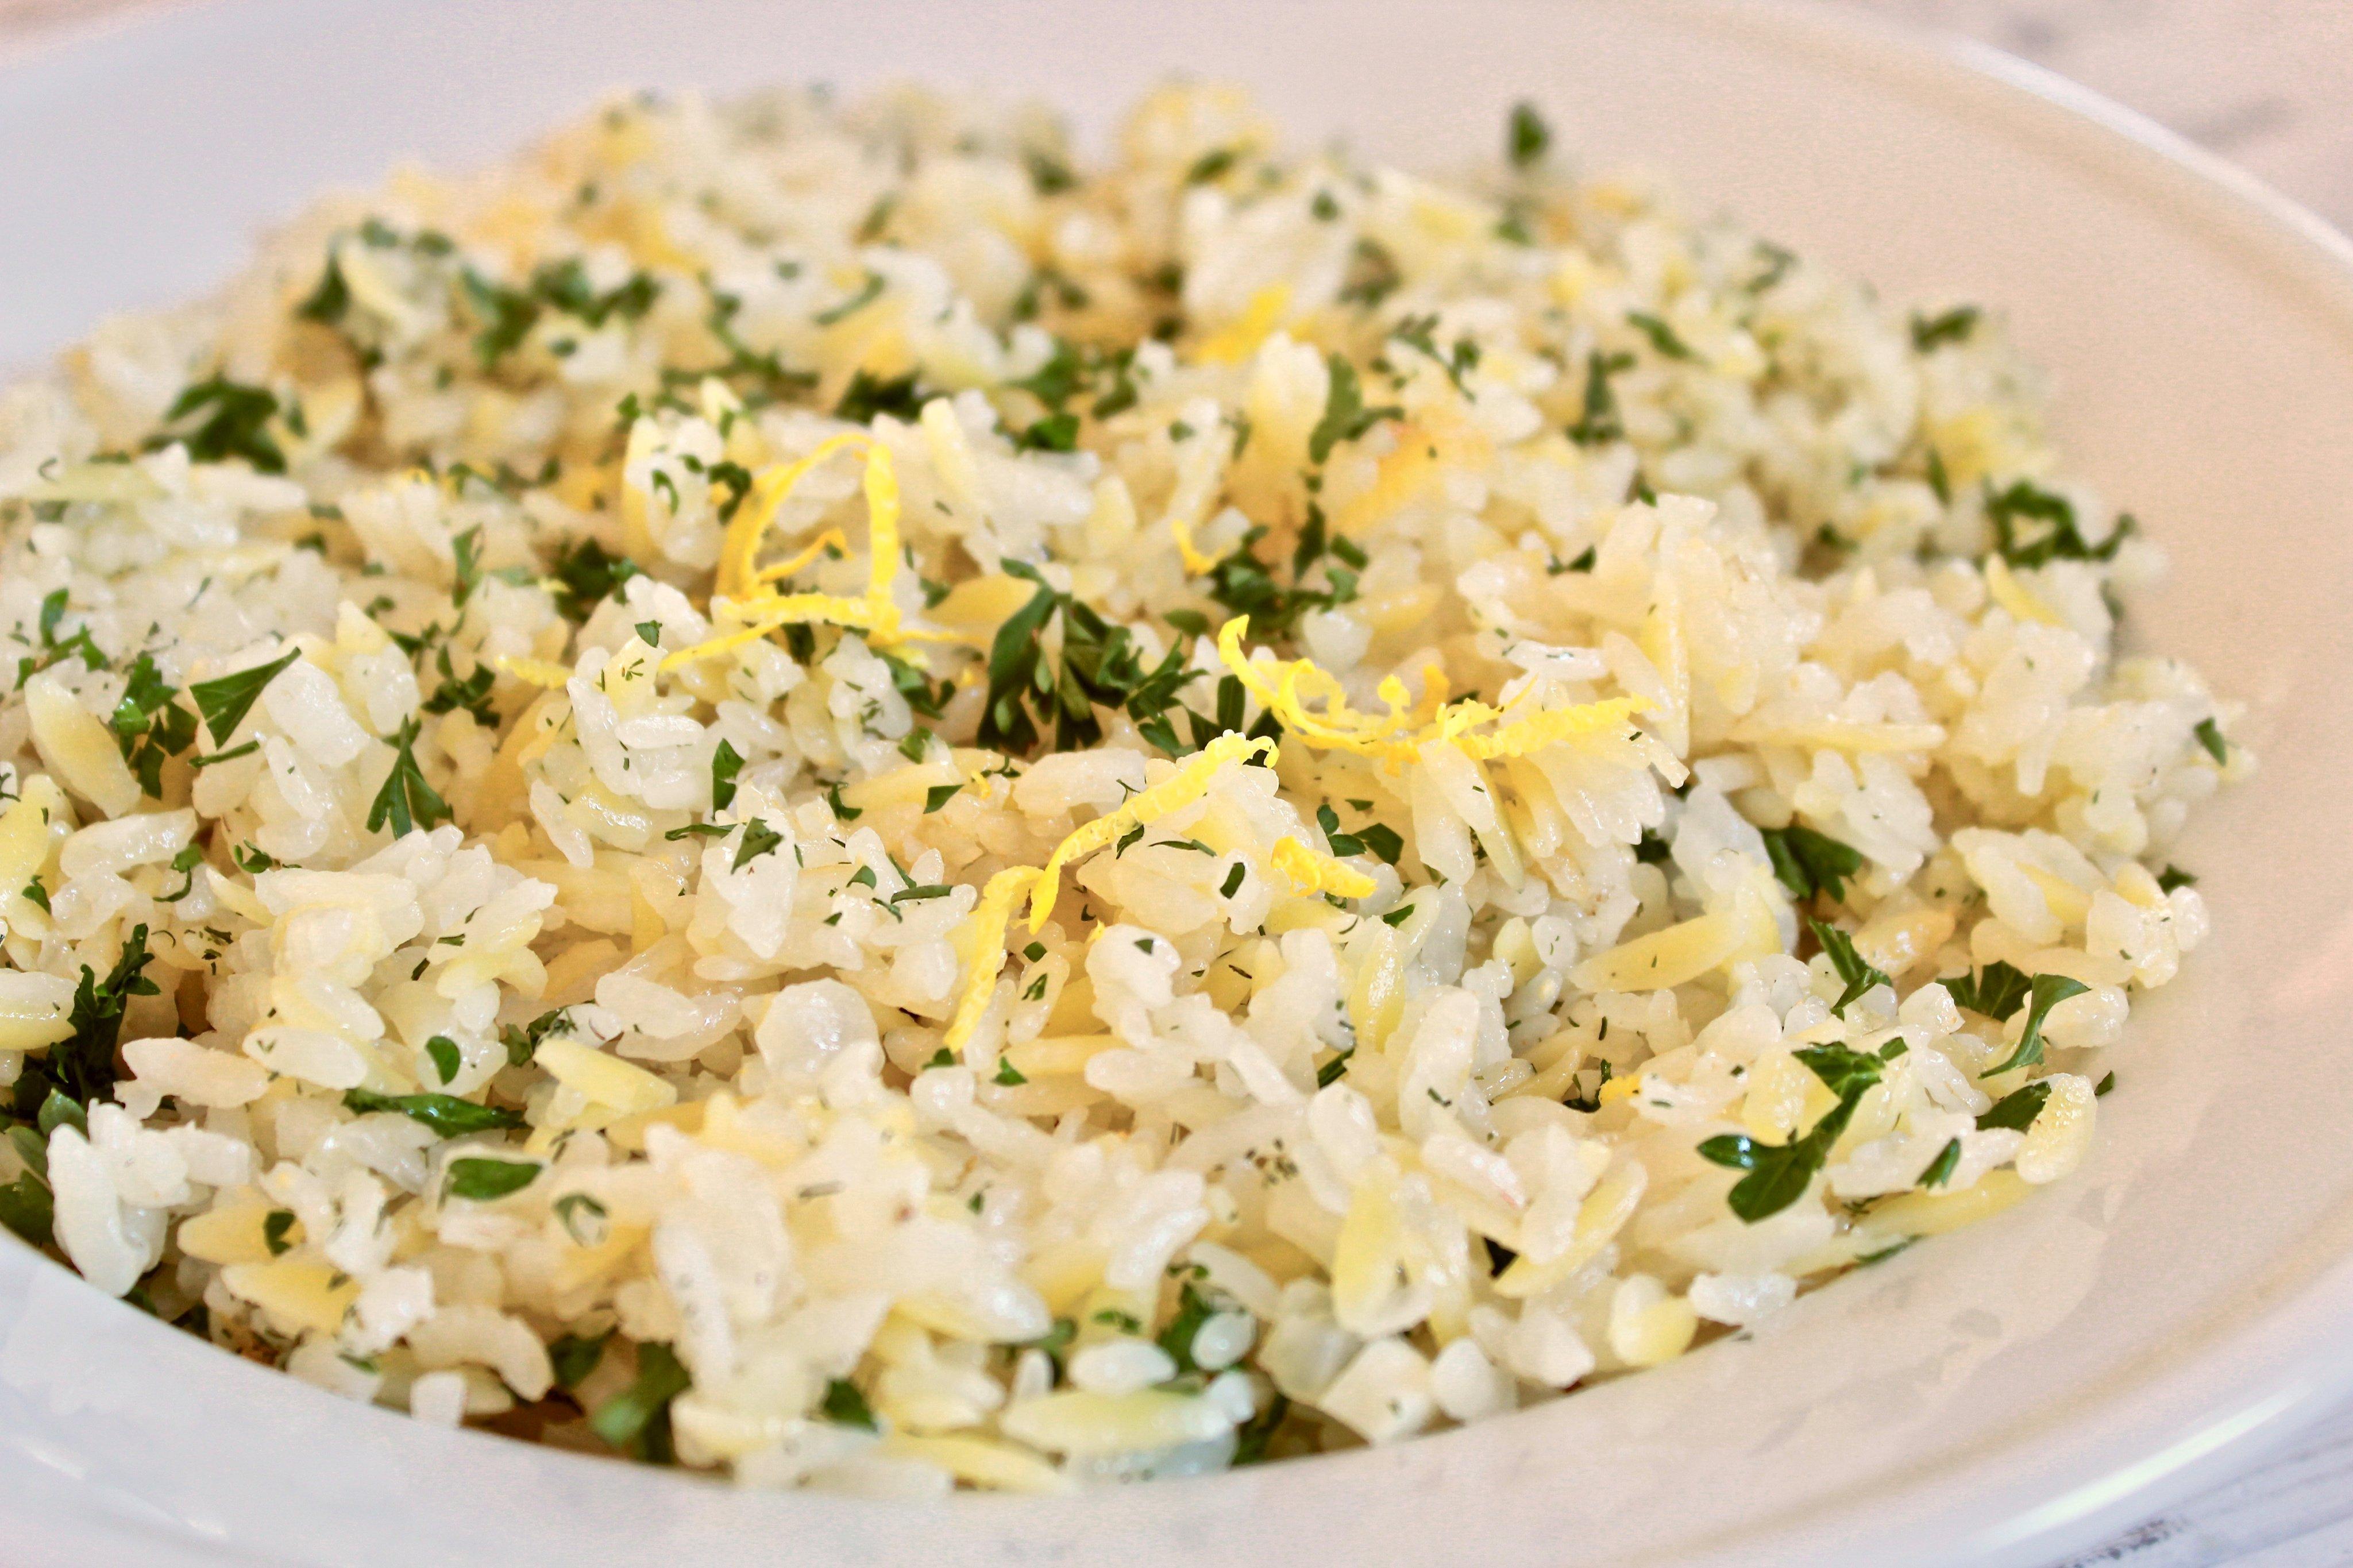 Lemon Orzo and Rice Pilaf